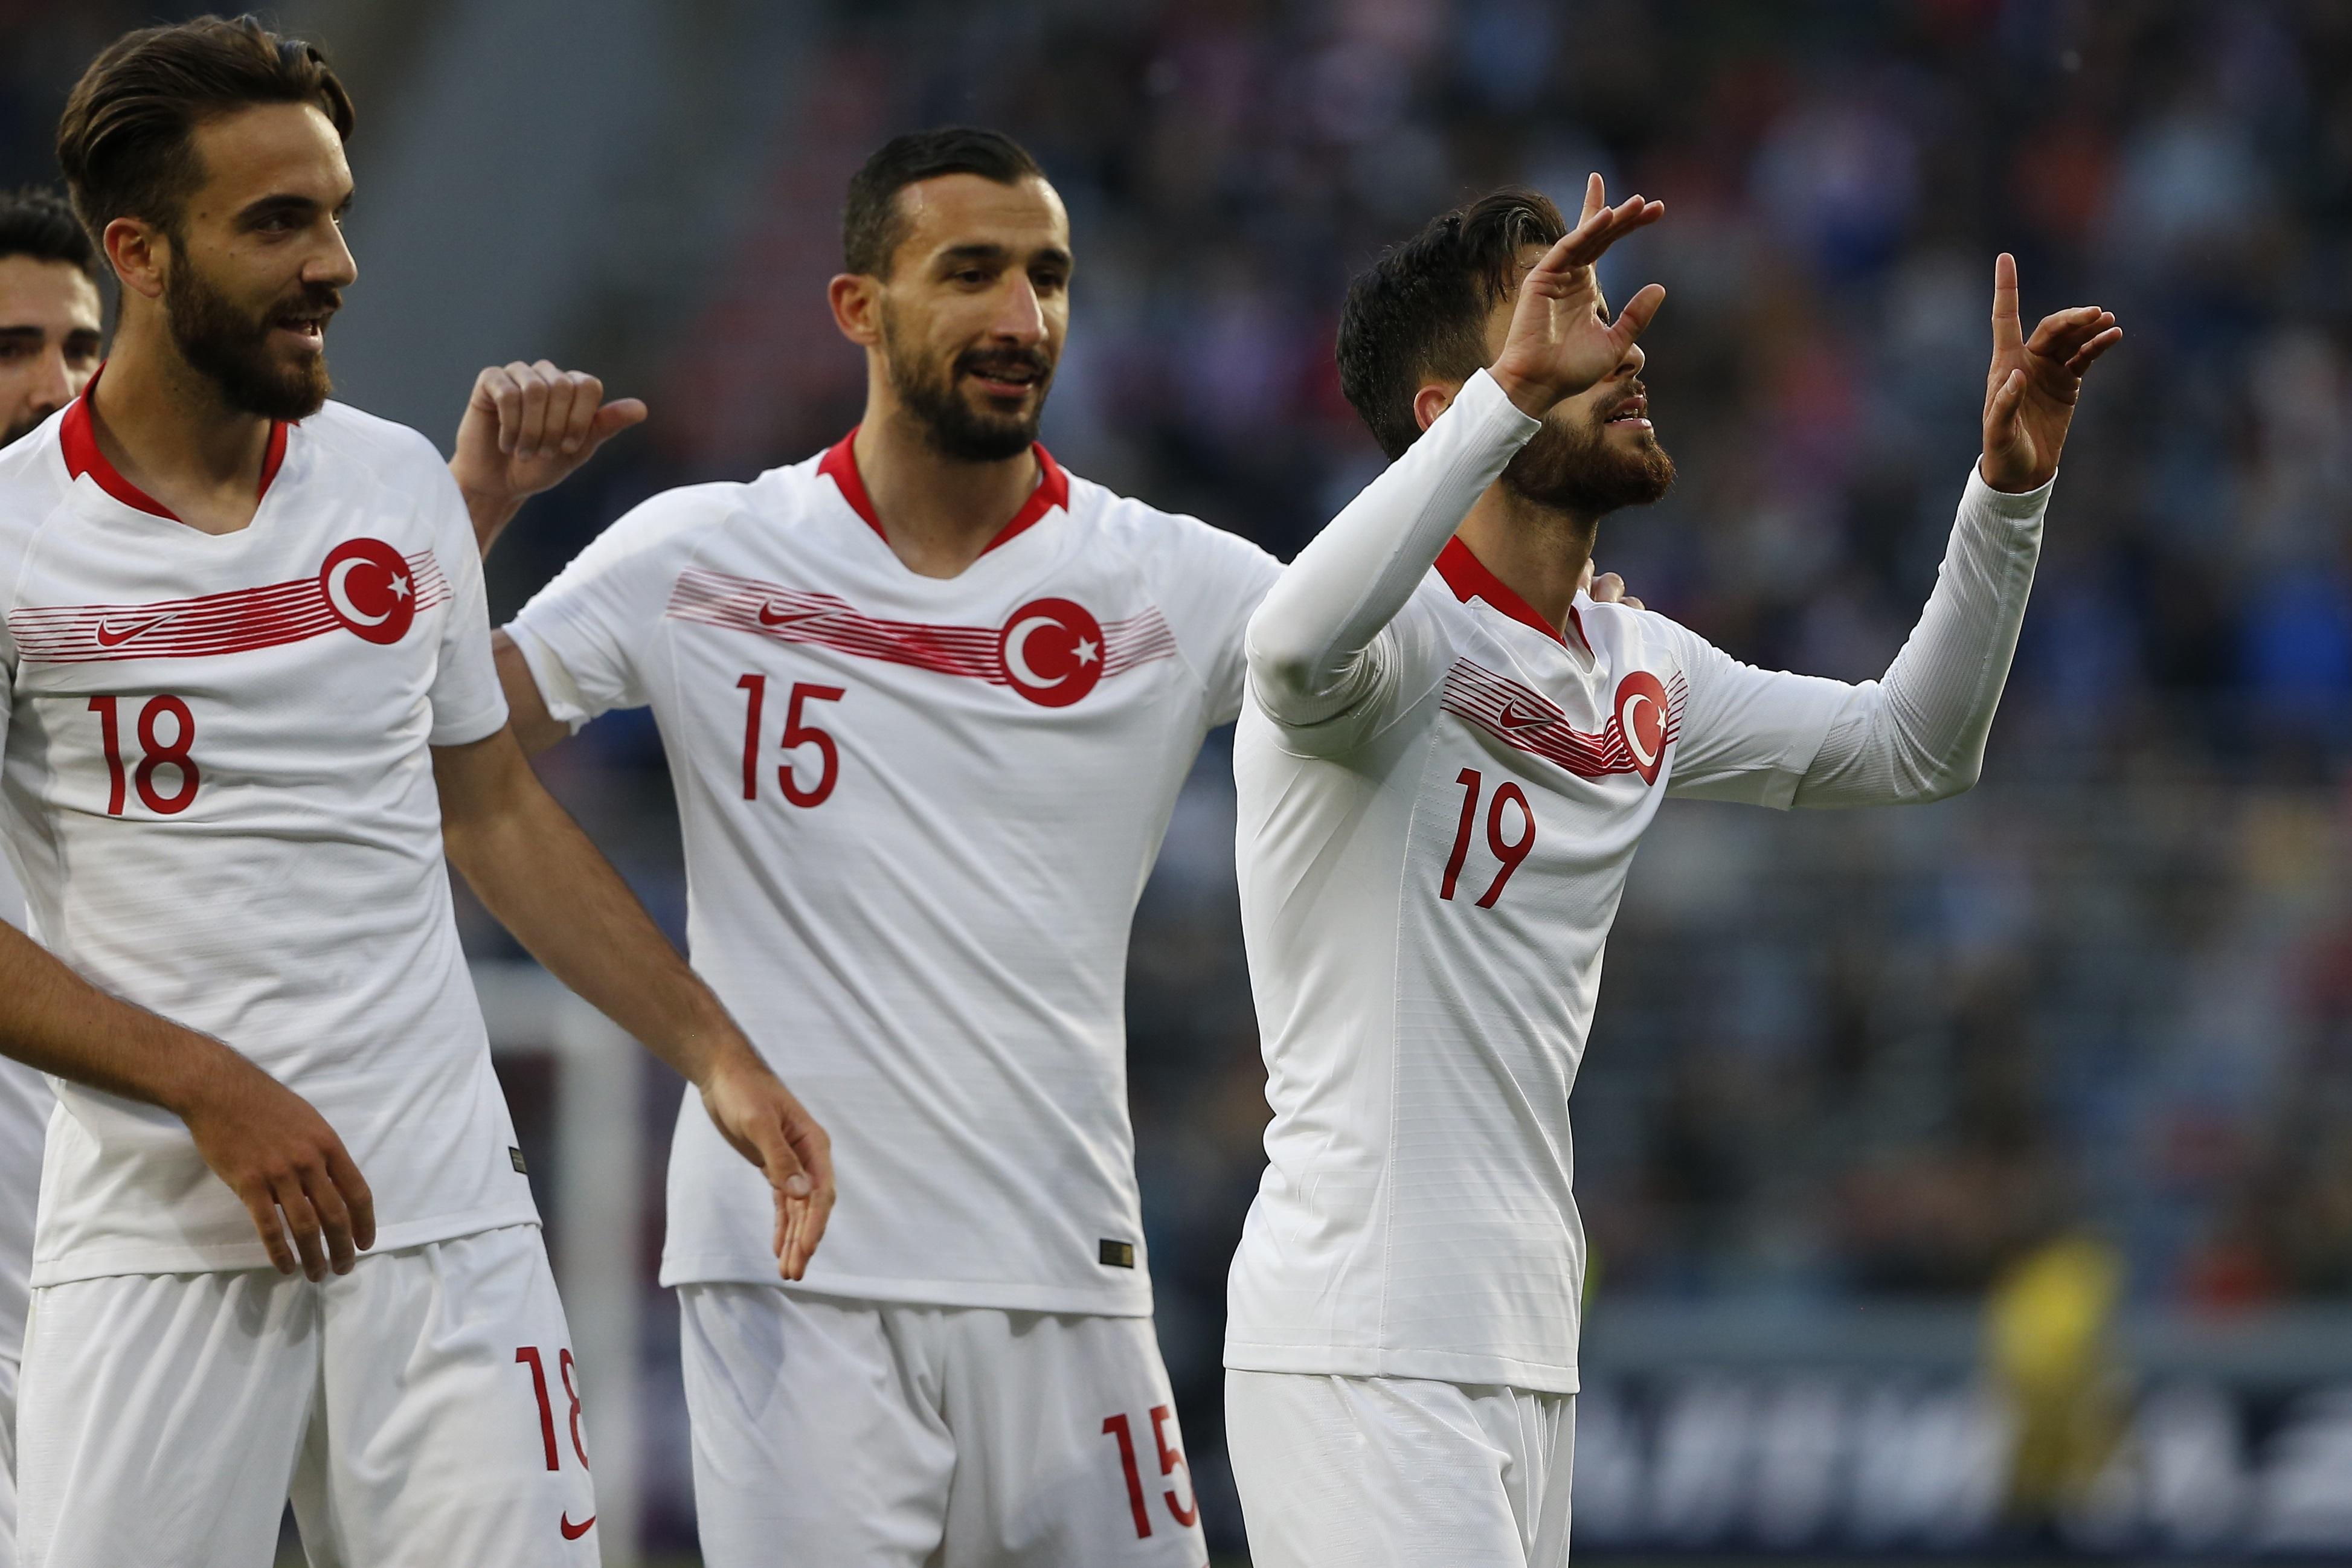 Özet - Rusya ile yenişemedik! Yunus'un golü yetmedi...